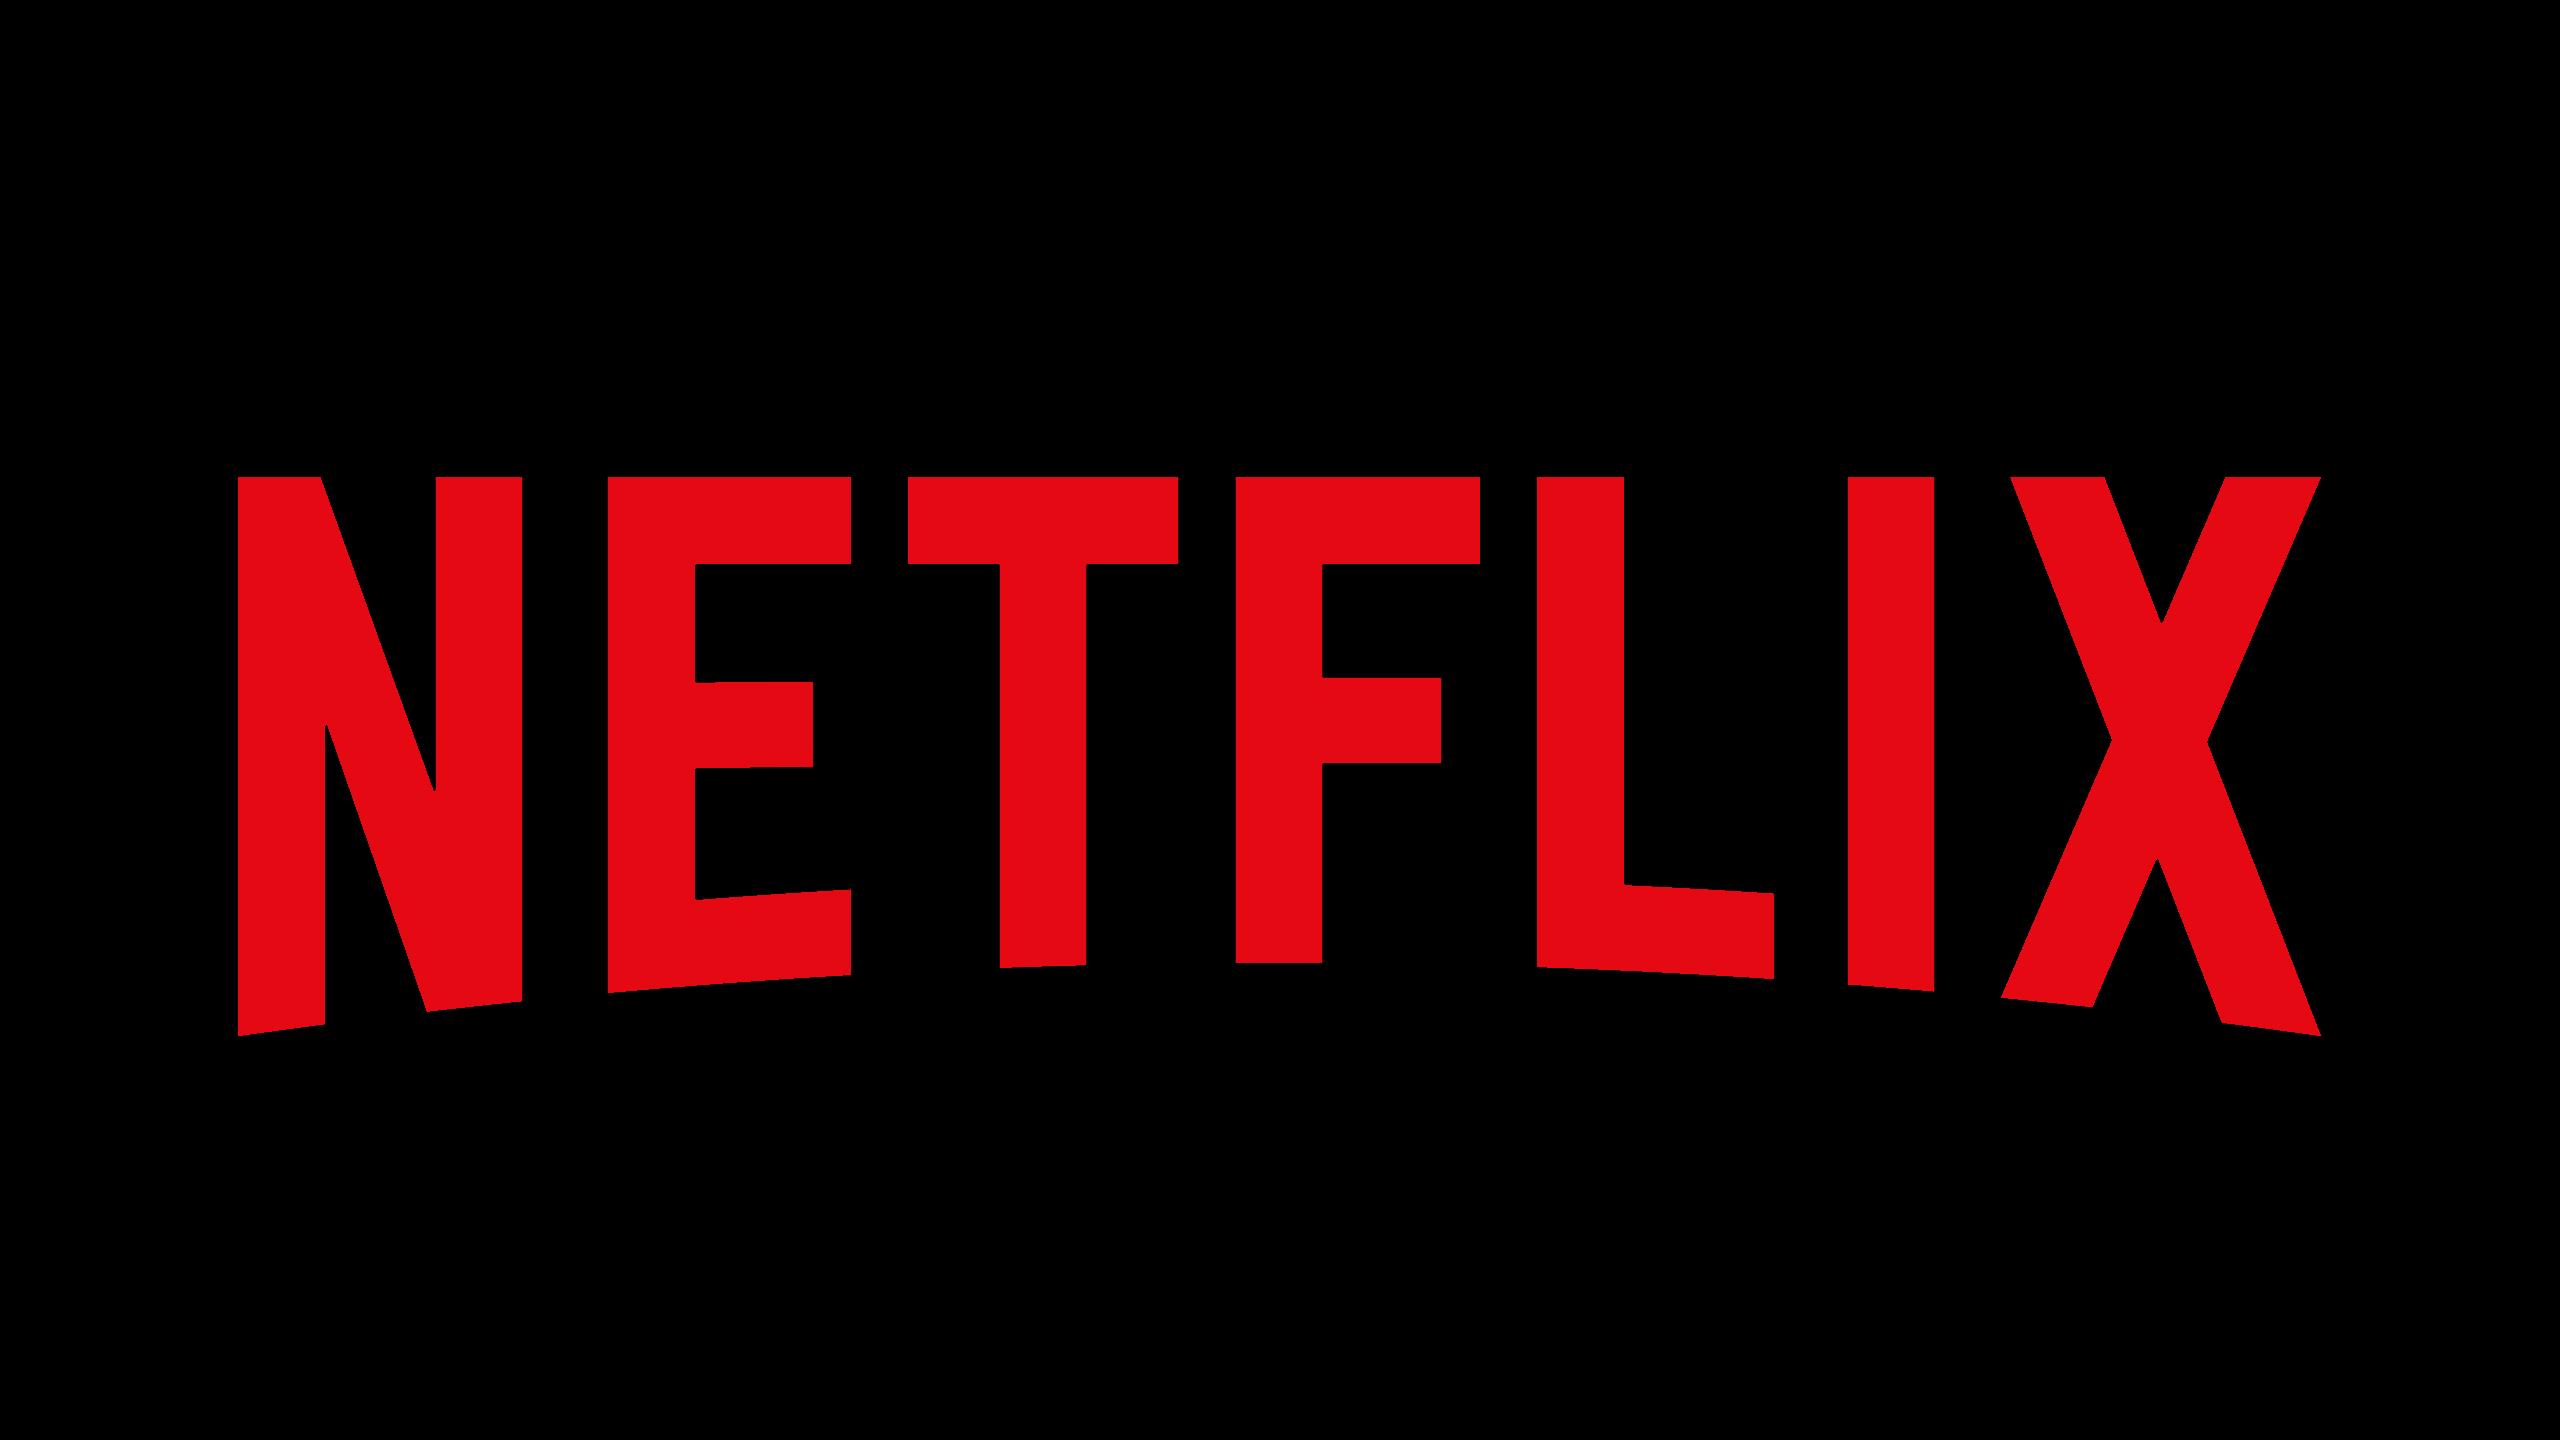 netflix-logo-d9ww